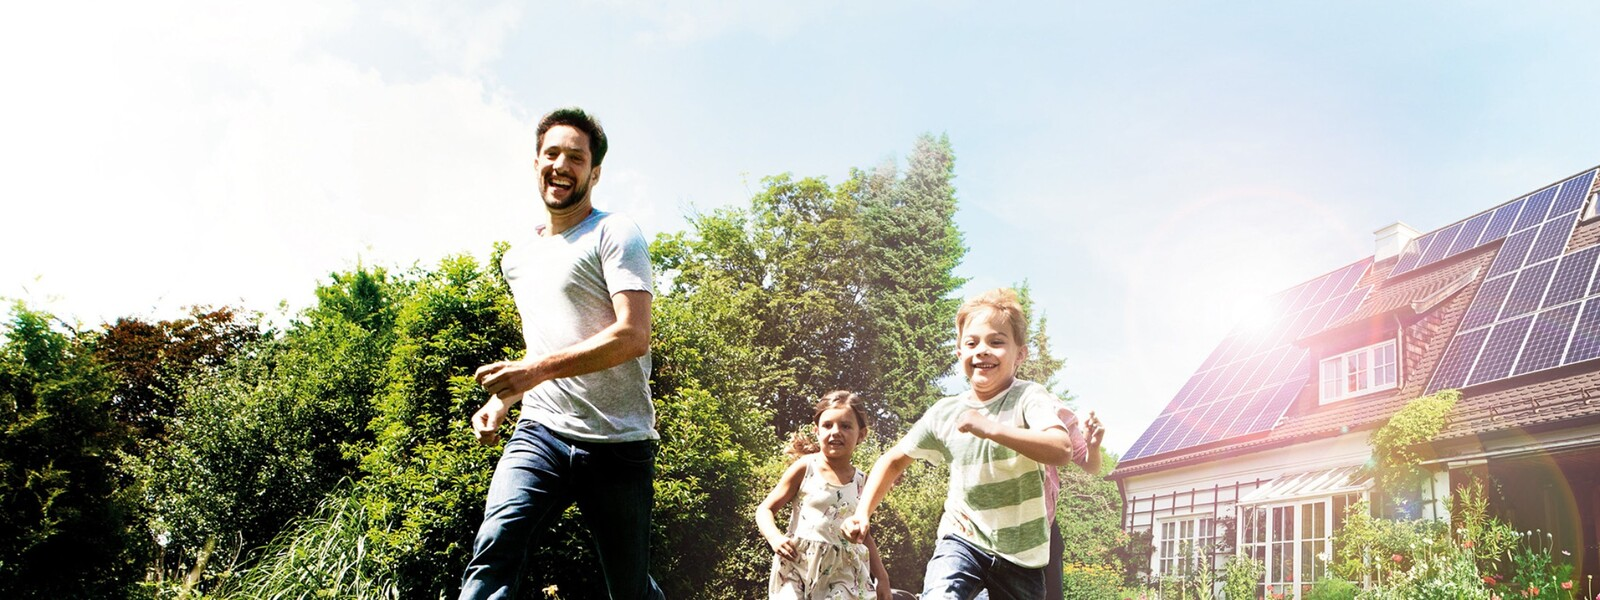 vader loopt met kinderen in tuin